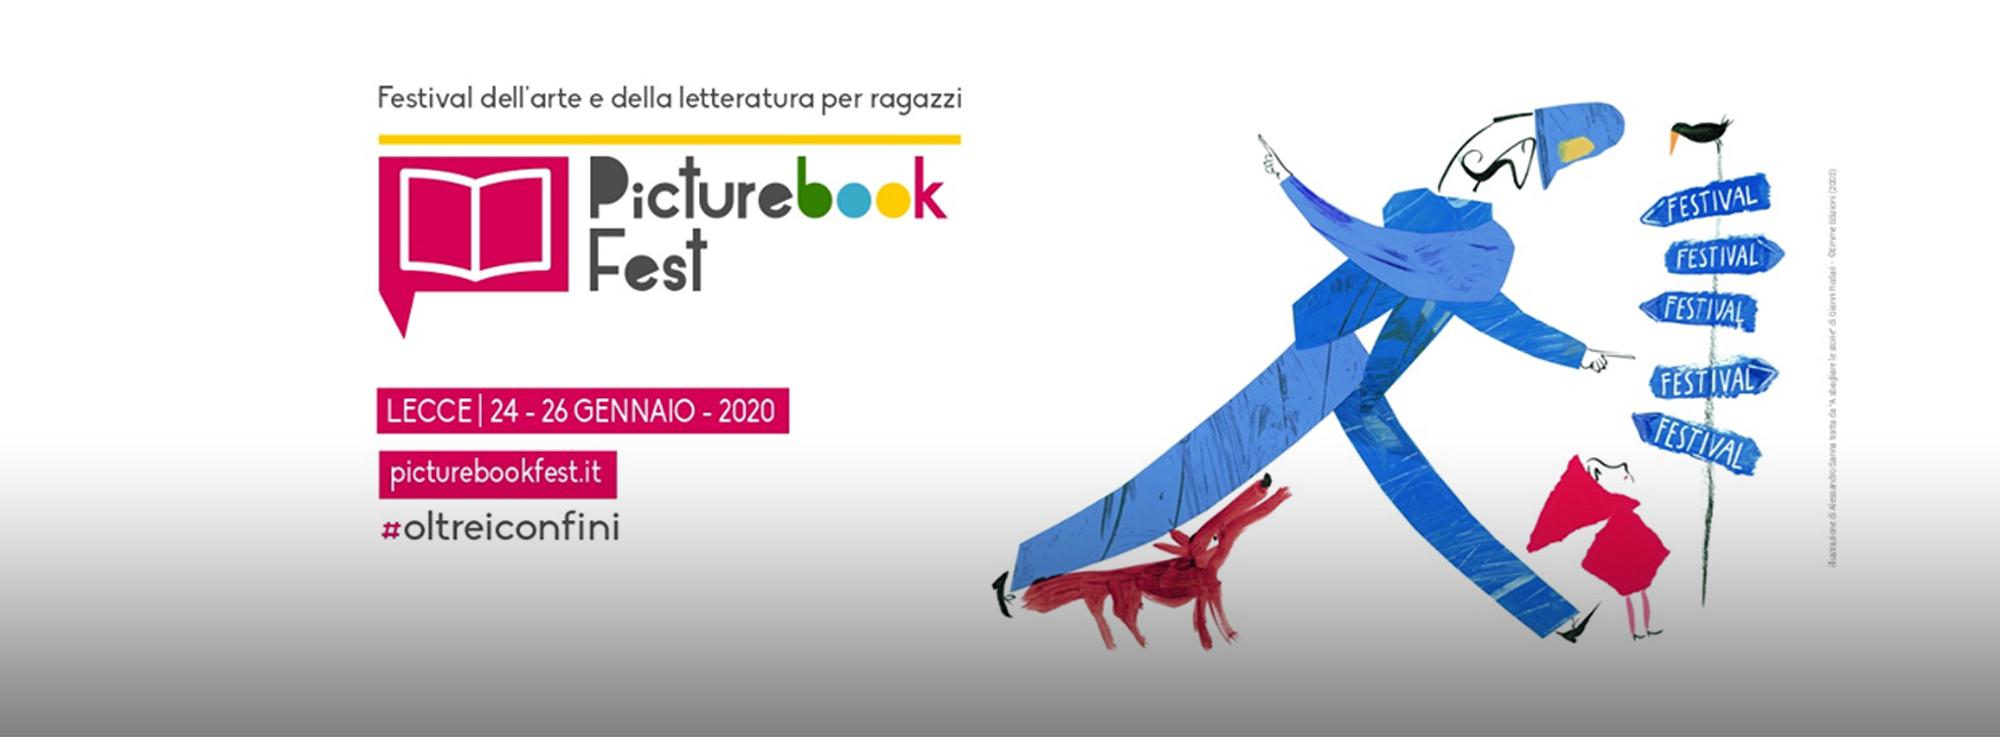 Lecce: Picturebook fest